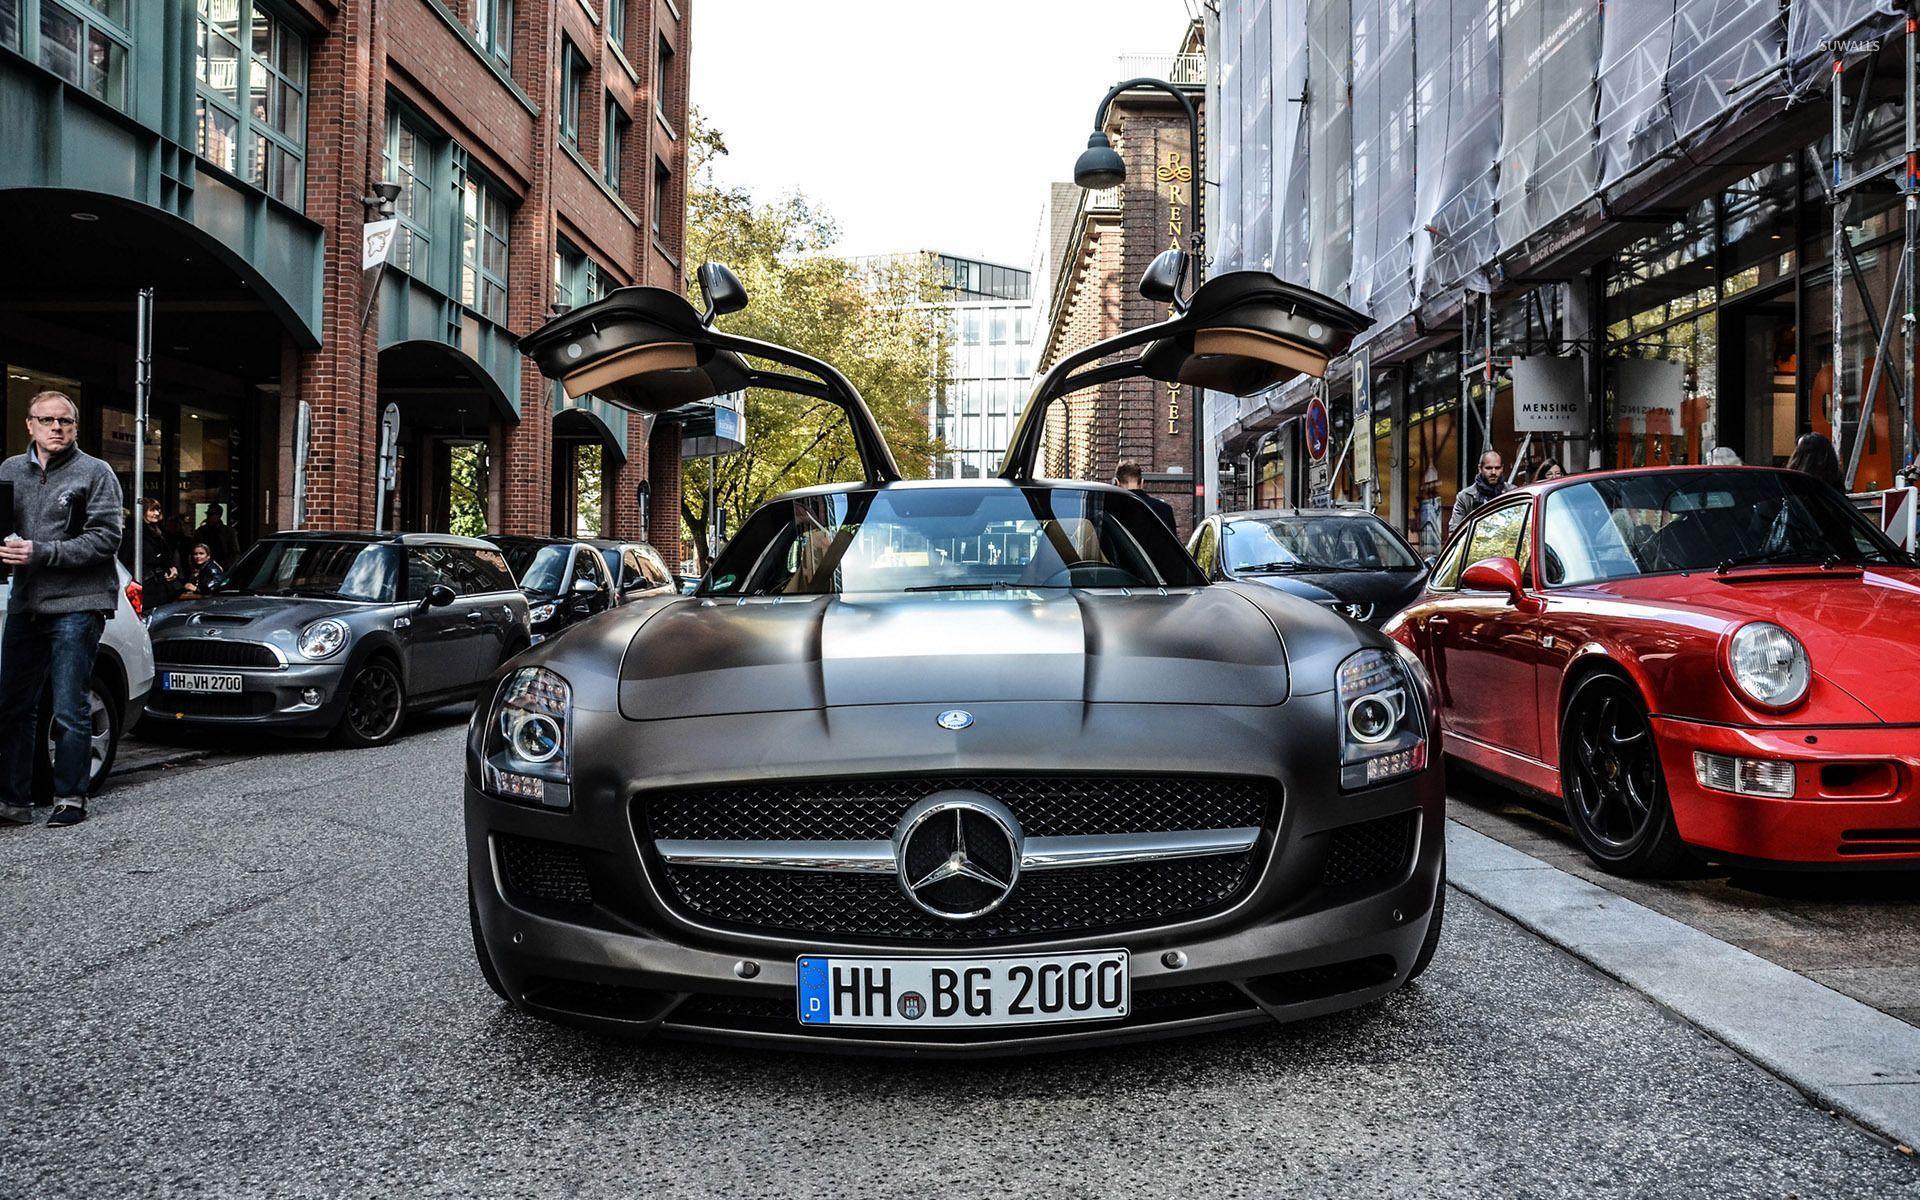 Mercedes Benz SLS AMG Wallpapers - Wallpaper Cave